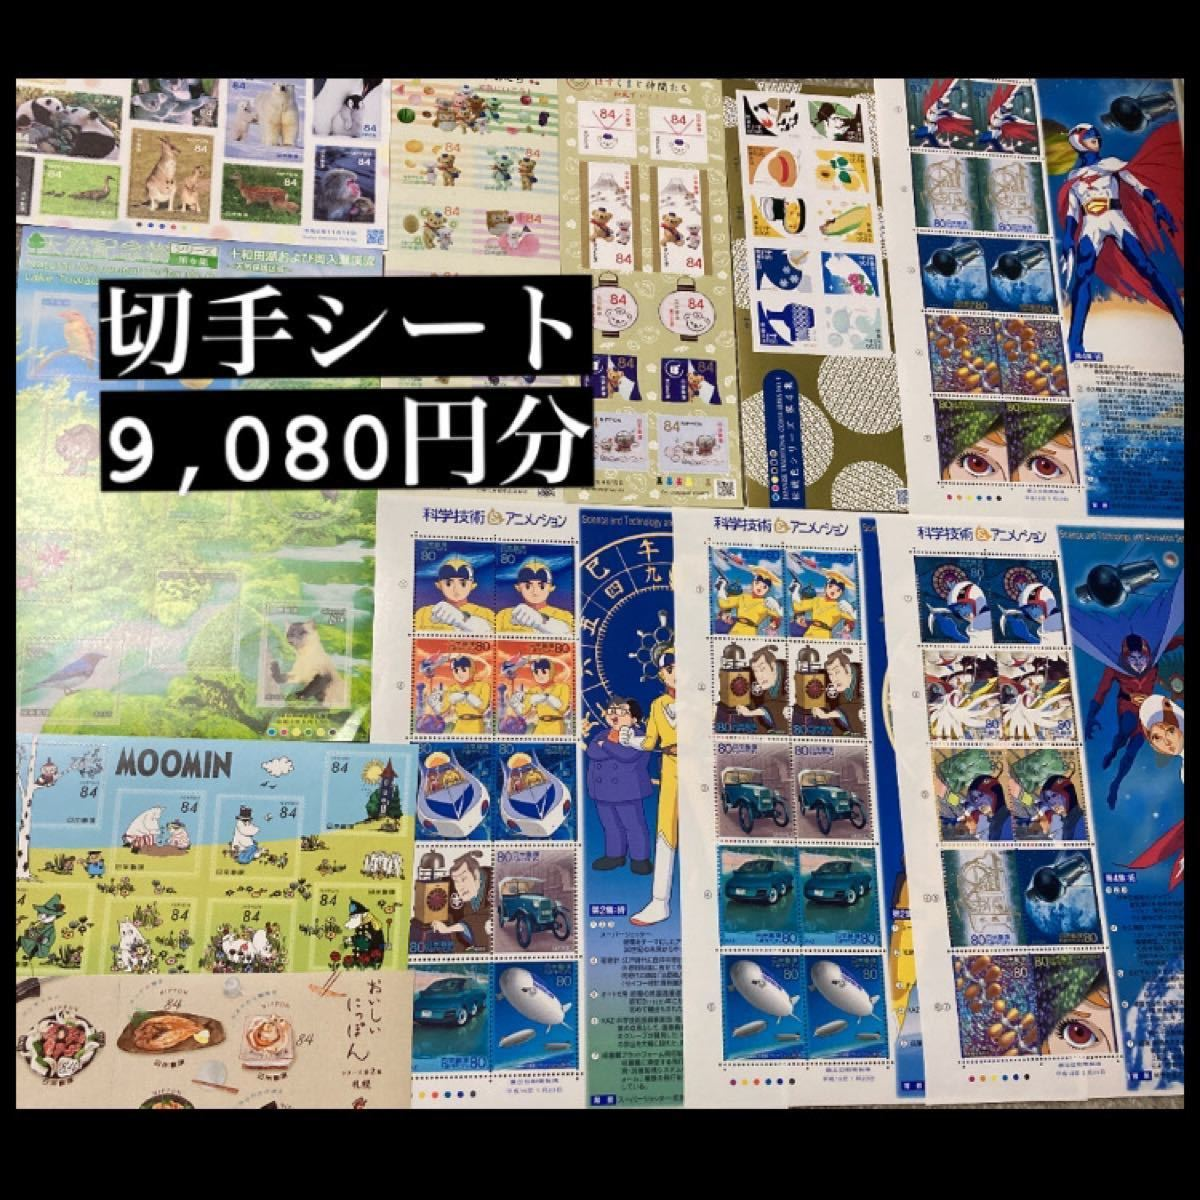 切手シート ムーミン シール 限定 ぽすくまくん アニメ 安い 激安 額面割れ クーポン